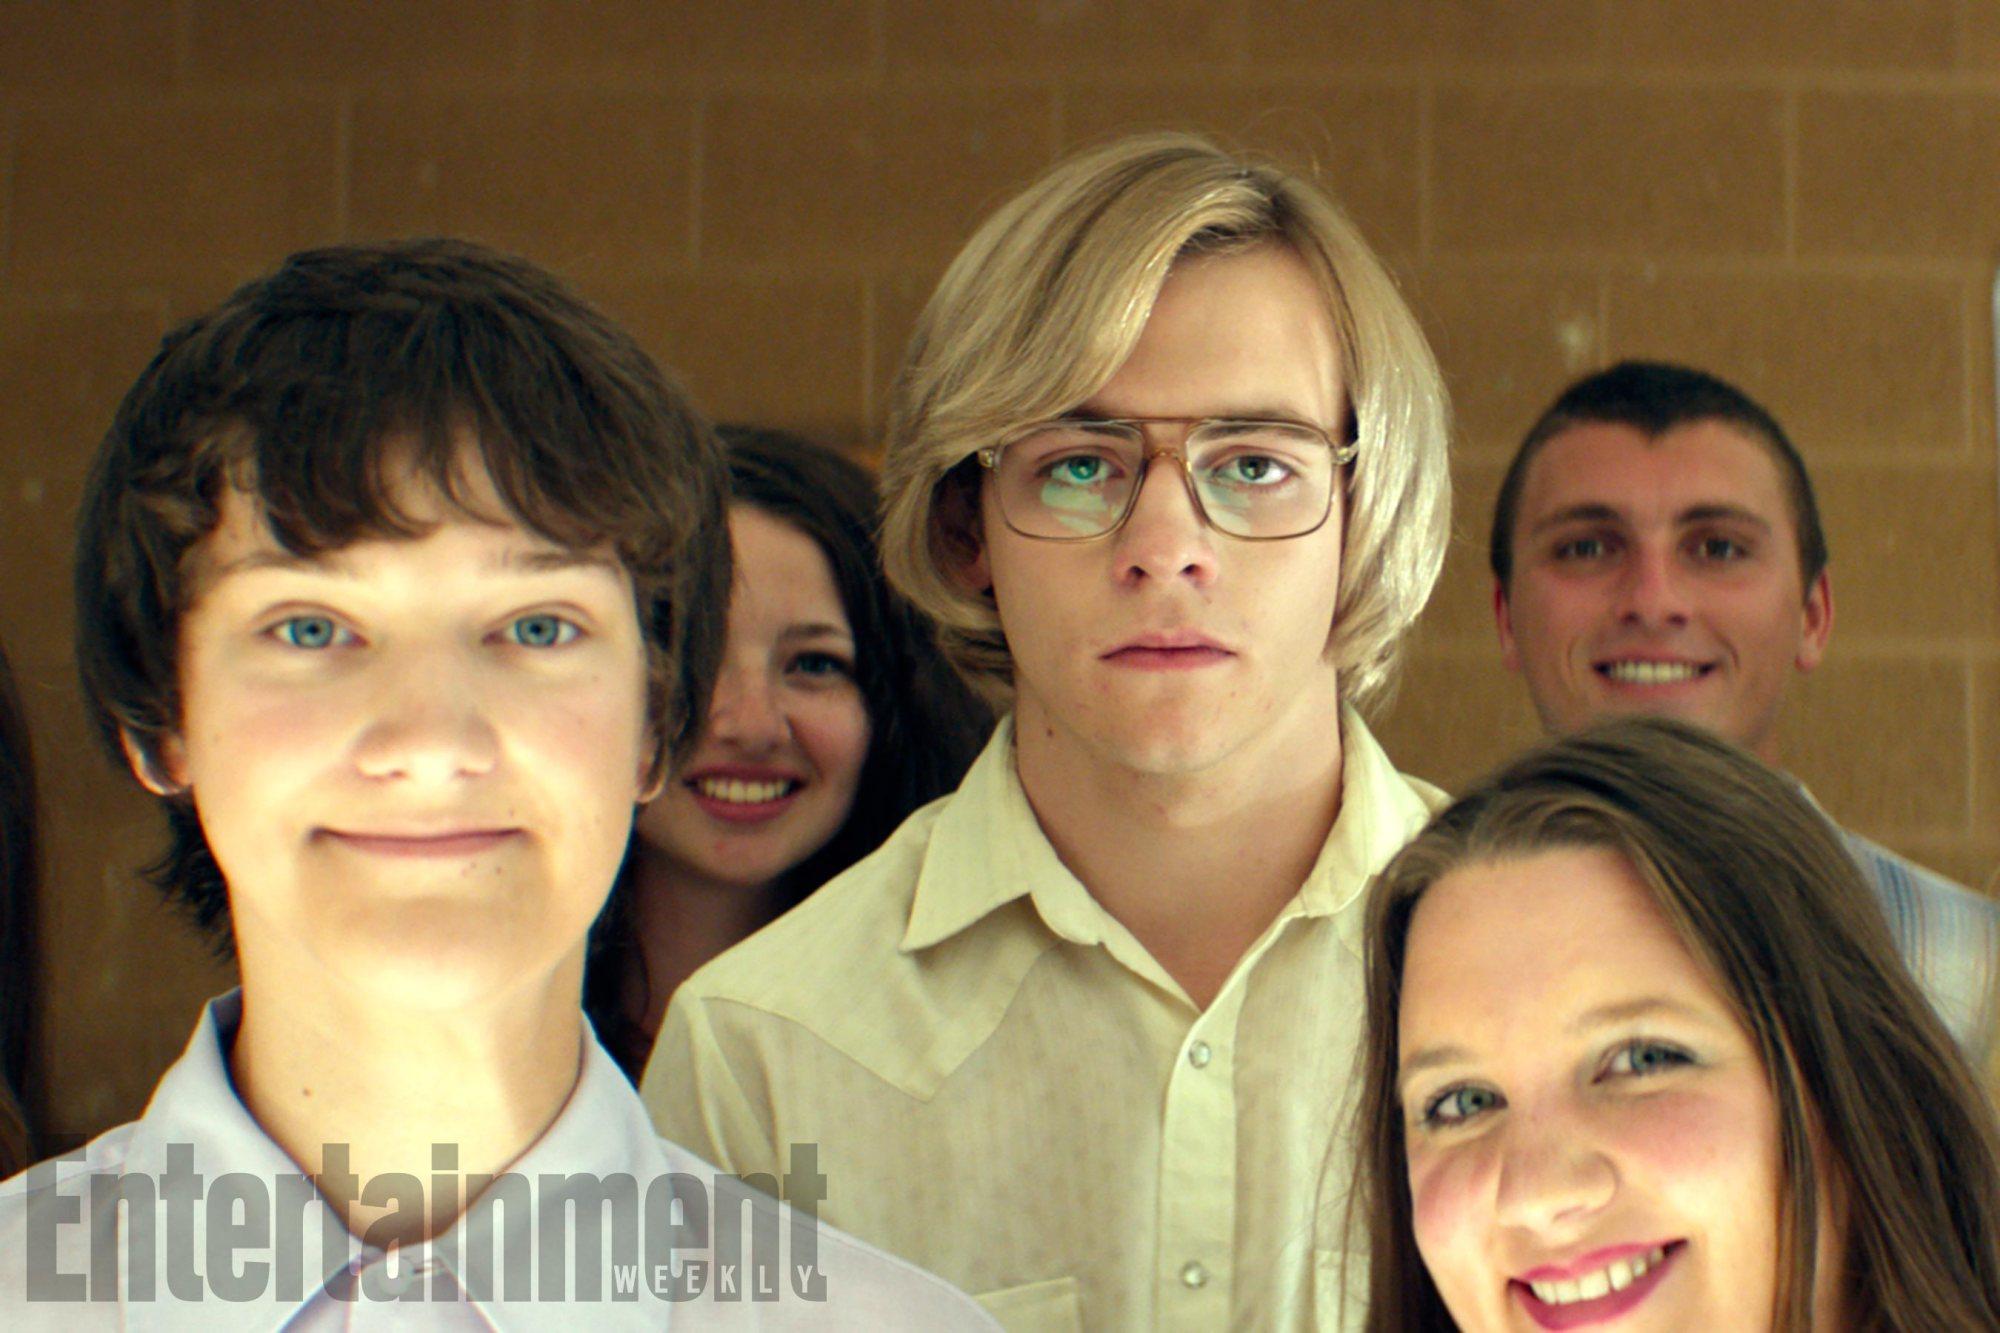 """Primeira foto oficial do filme """"My Friend Dahmer"""" foi divulgada no site Entertainment Weekly."""